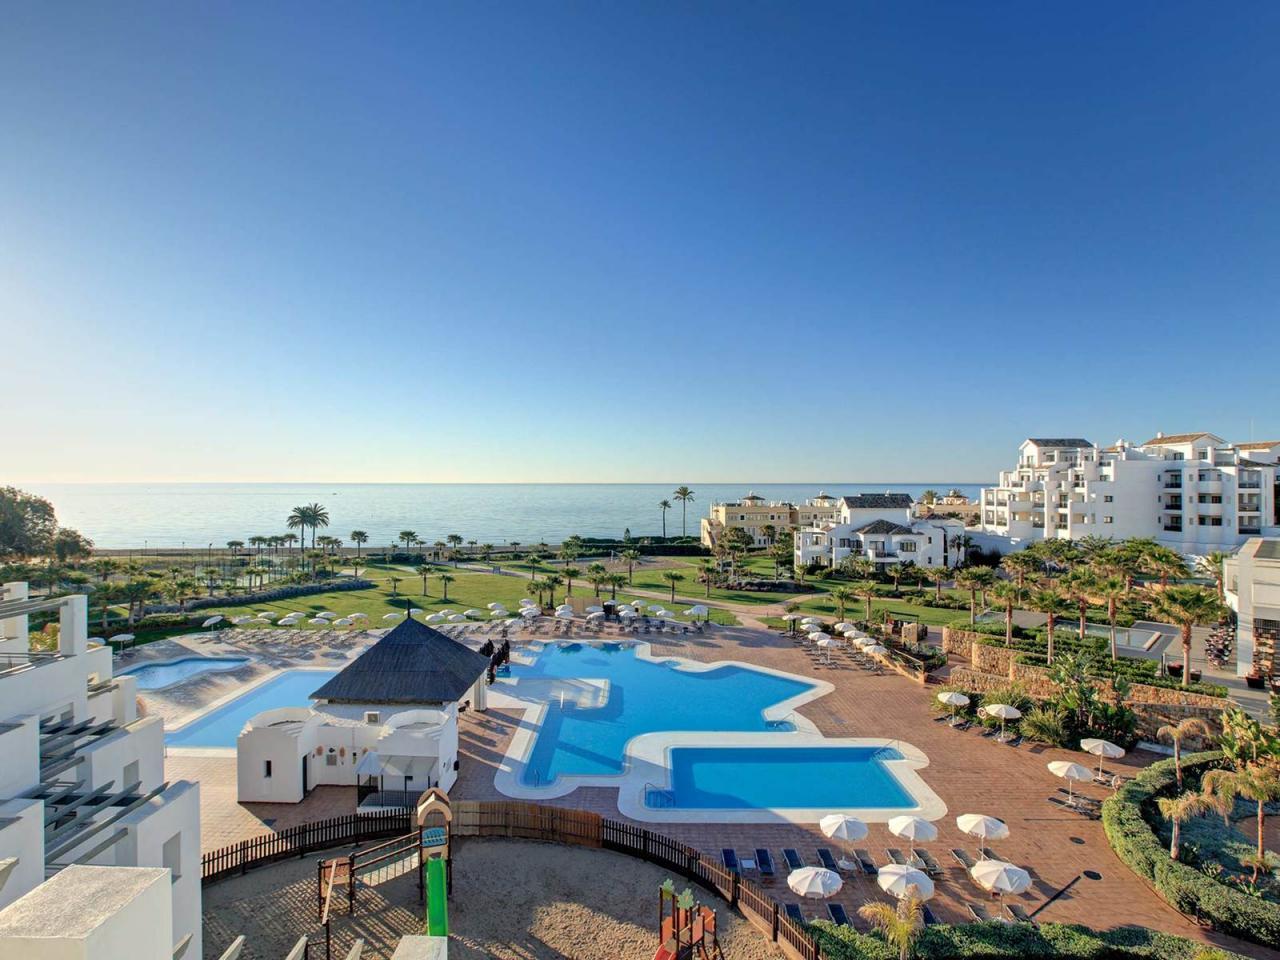 Estepona hotel & Spa resort (ex Fuerte Estepona)